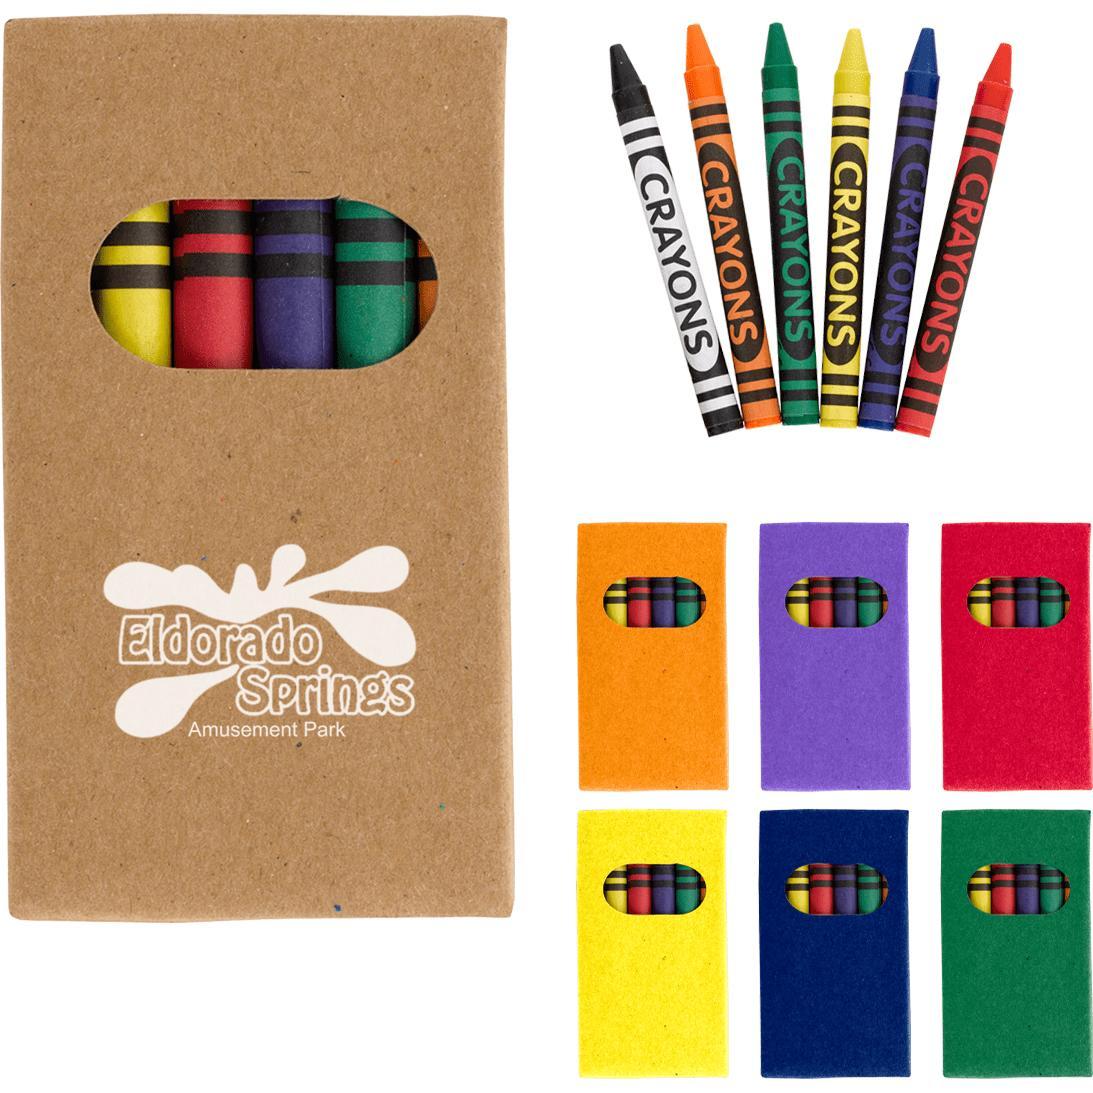 6 Piece Crayon Set